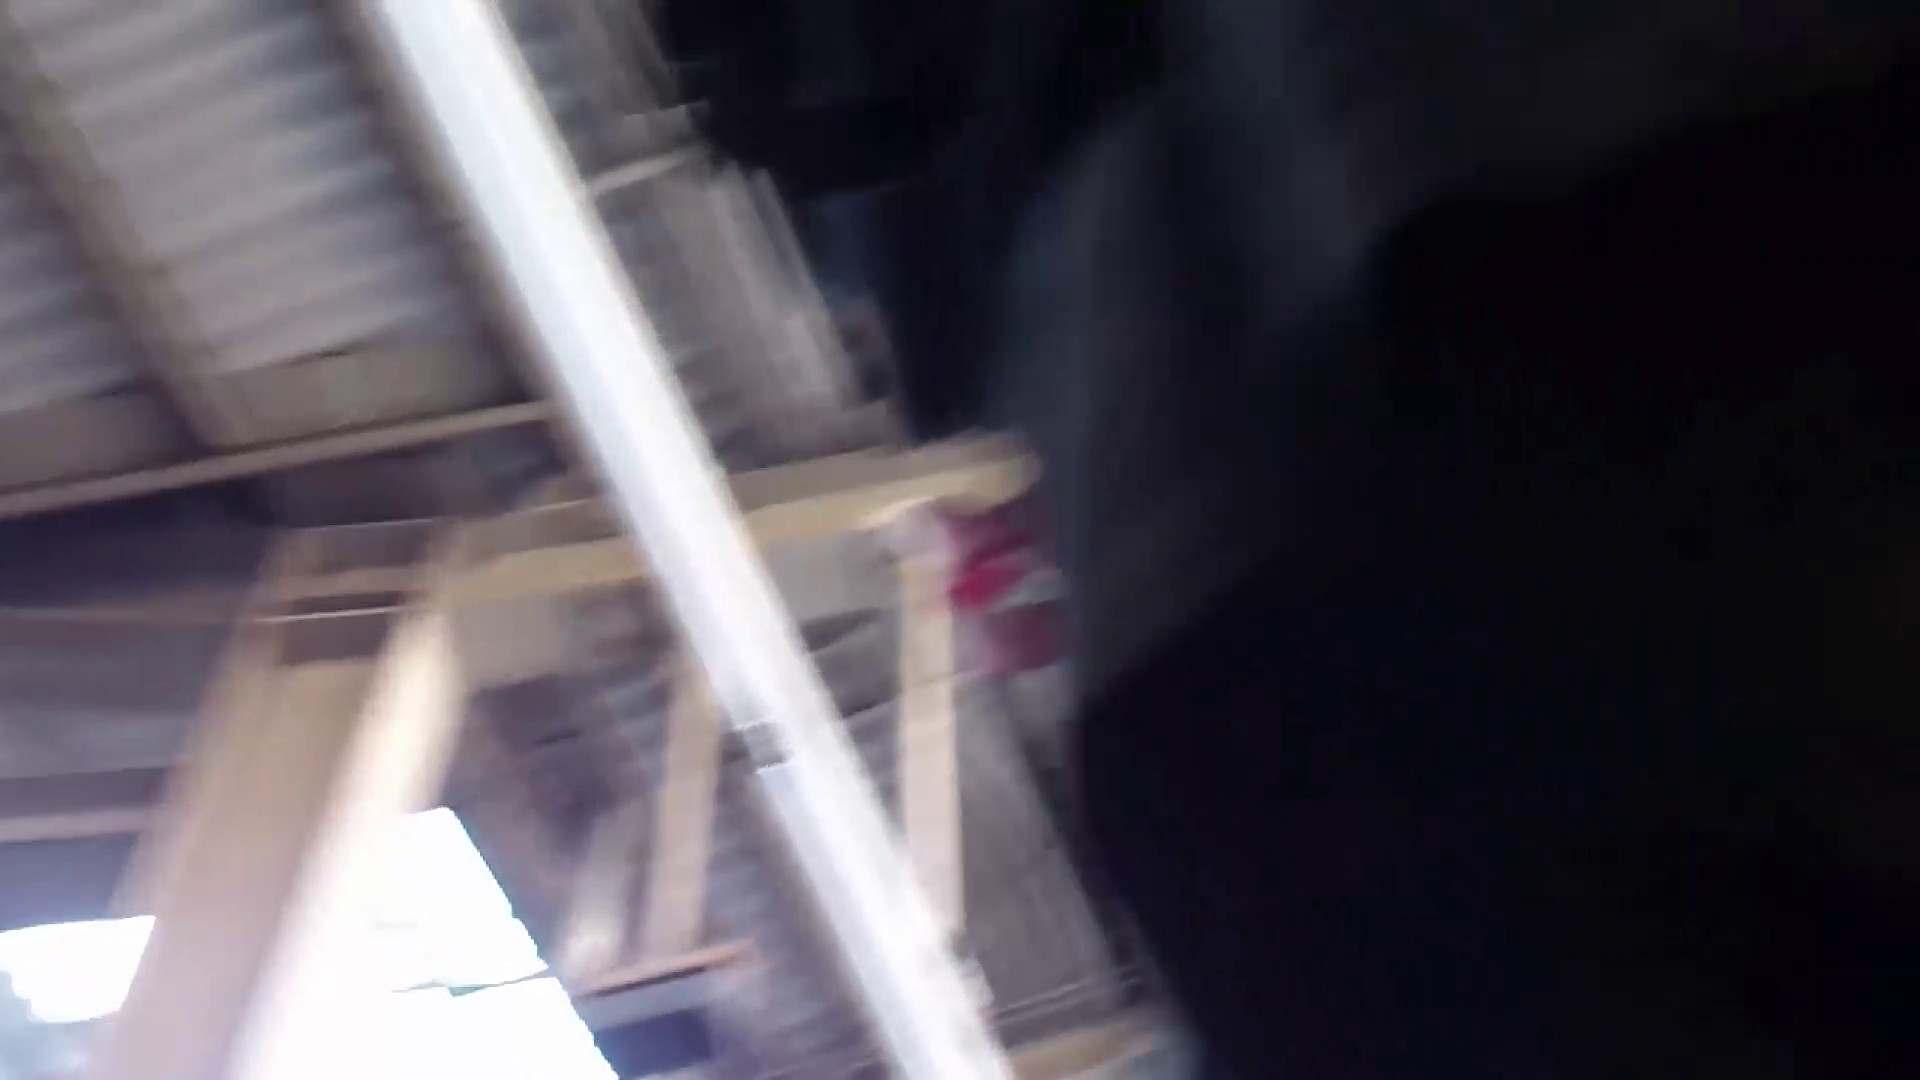 期間限定 超炉利盗撮 Vol.15 パンチラ見ーっけた! 期間限定シリーズ AV動画キャプチャ 97画像 37